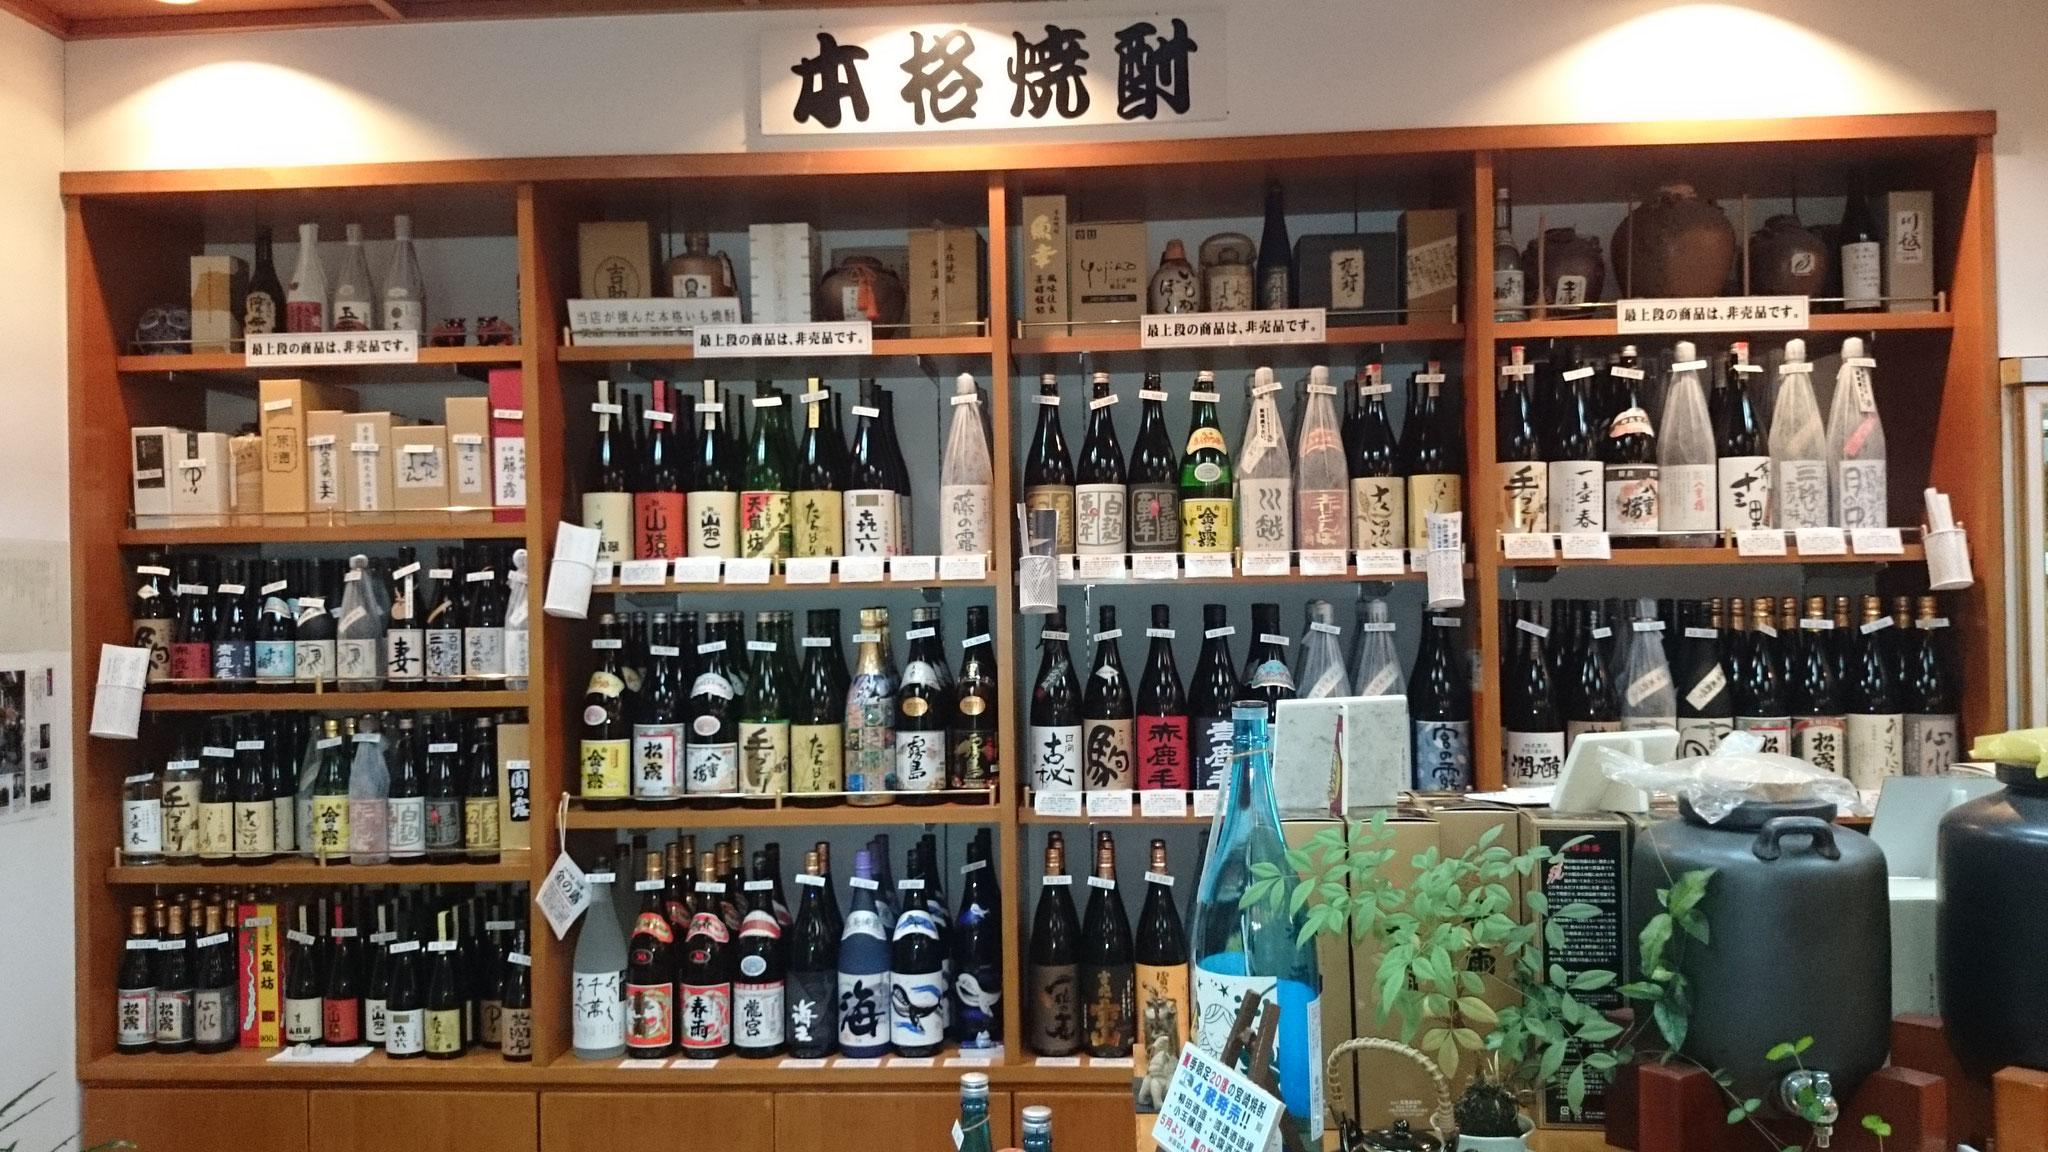 当店自慢の焼酎群。いずれも南九州を代表する焼酎たちです。